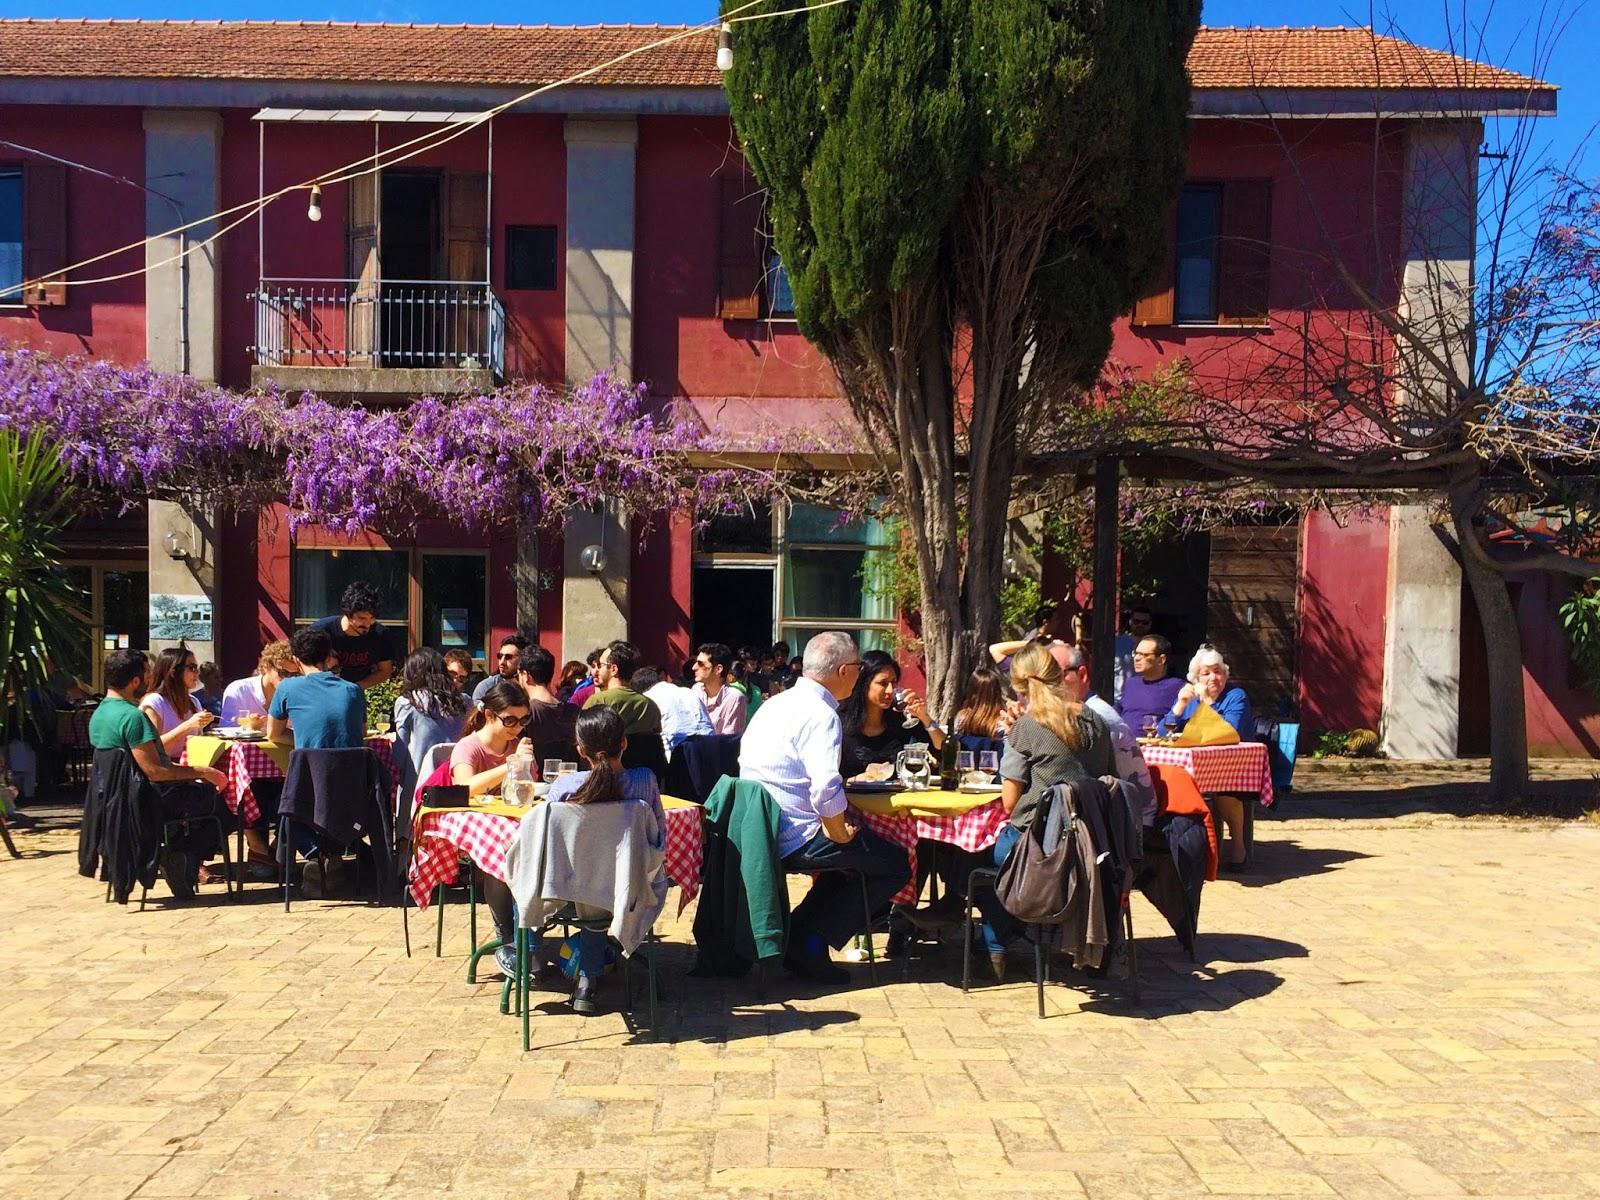 Pranzo Per Bambini Roma : Agriturismo cobragor roma pranzo del sabato